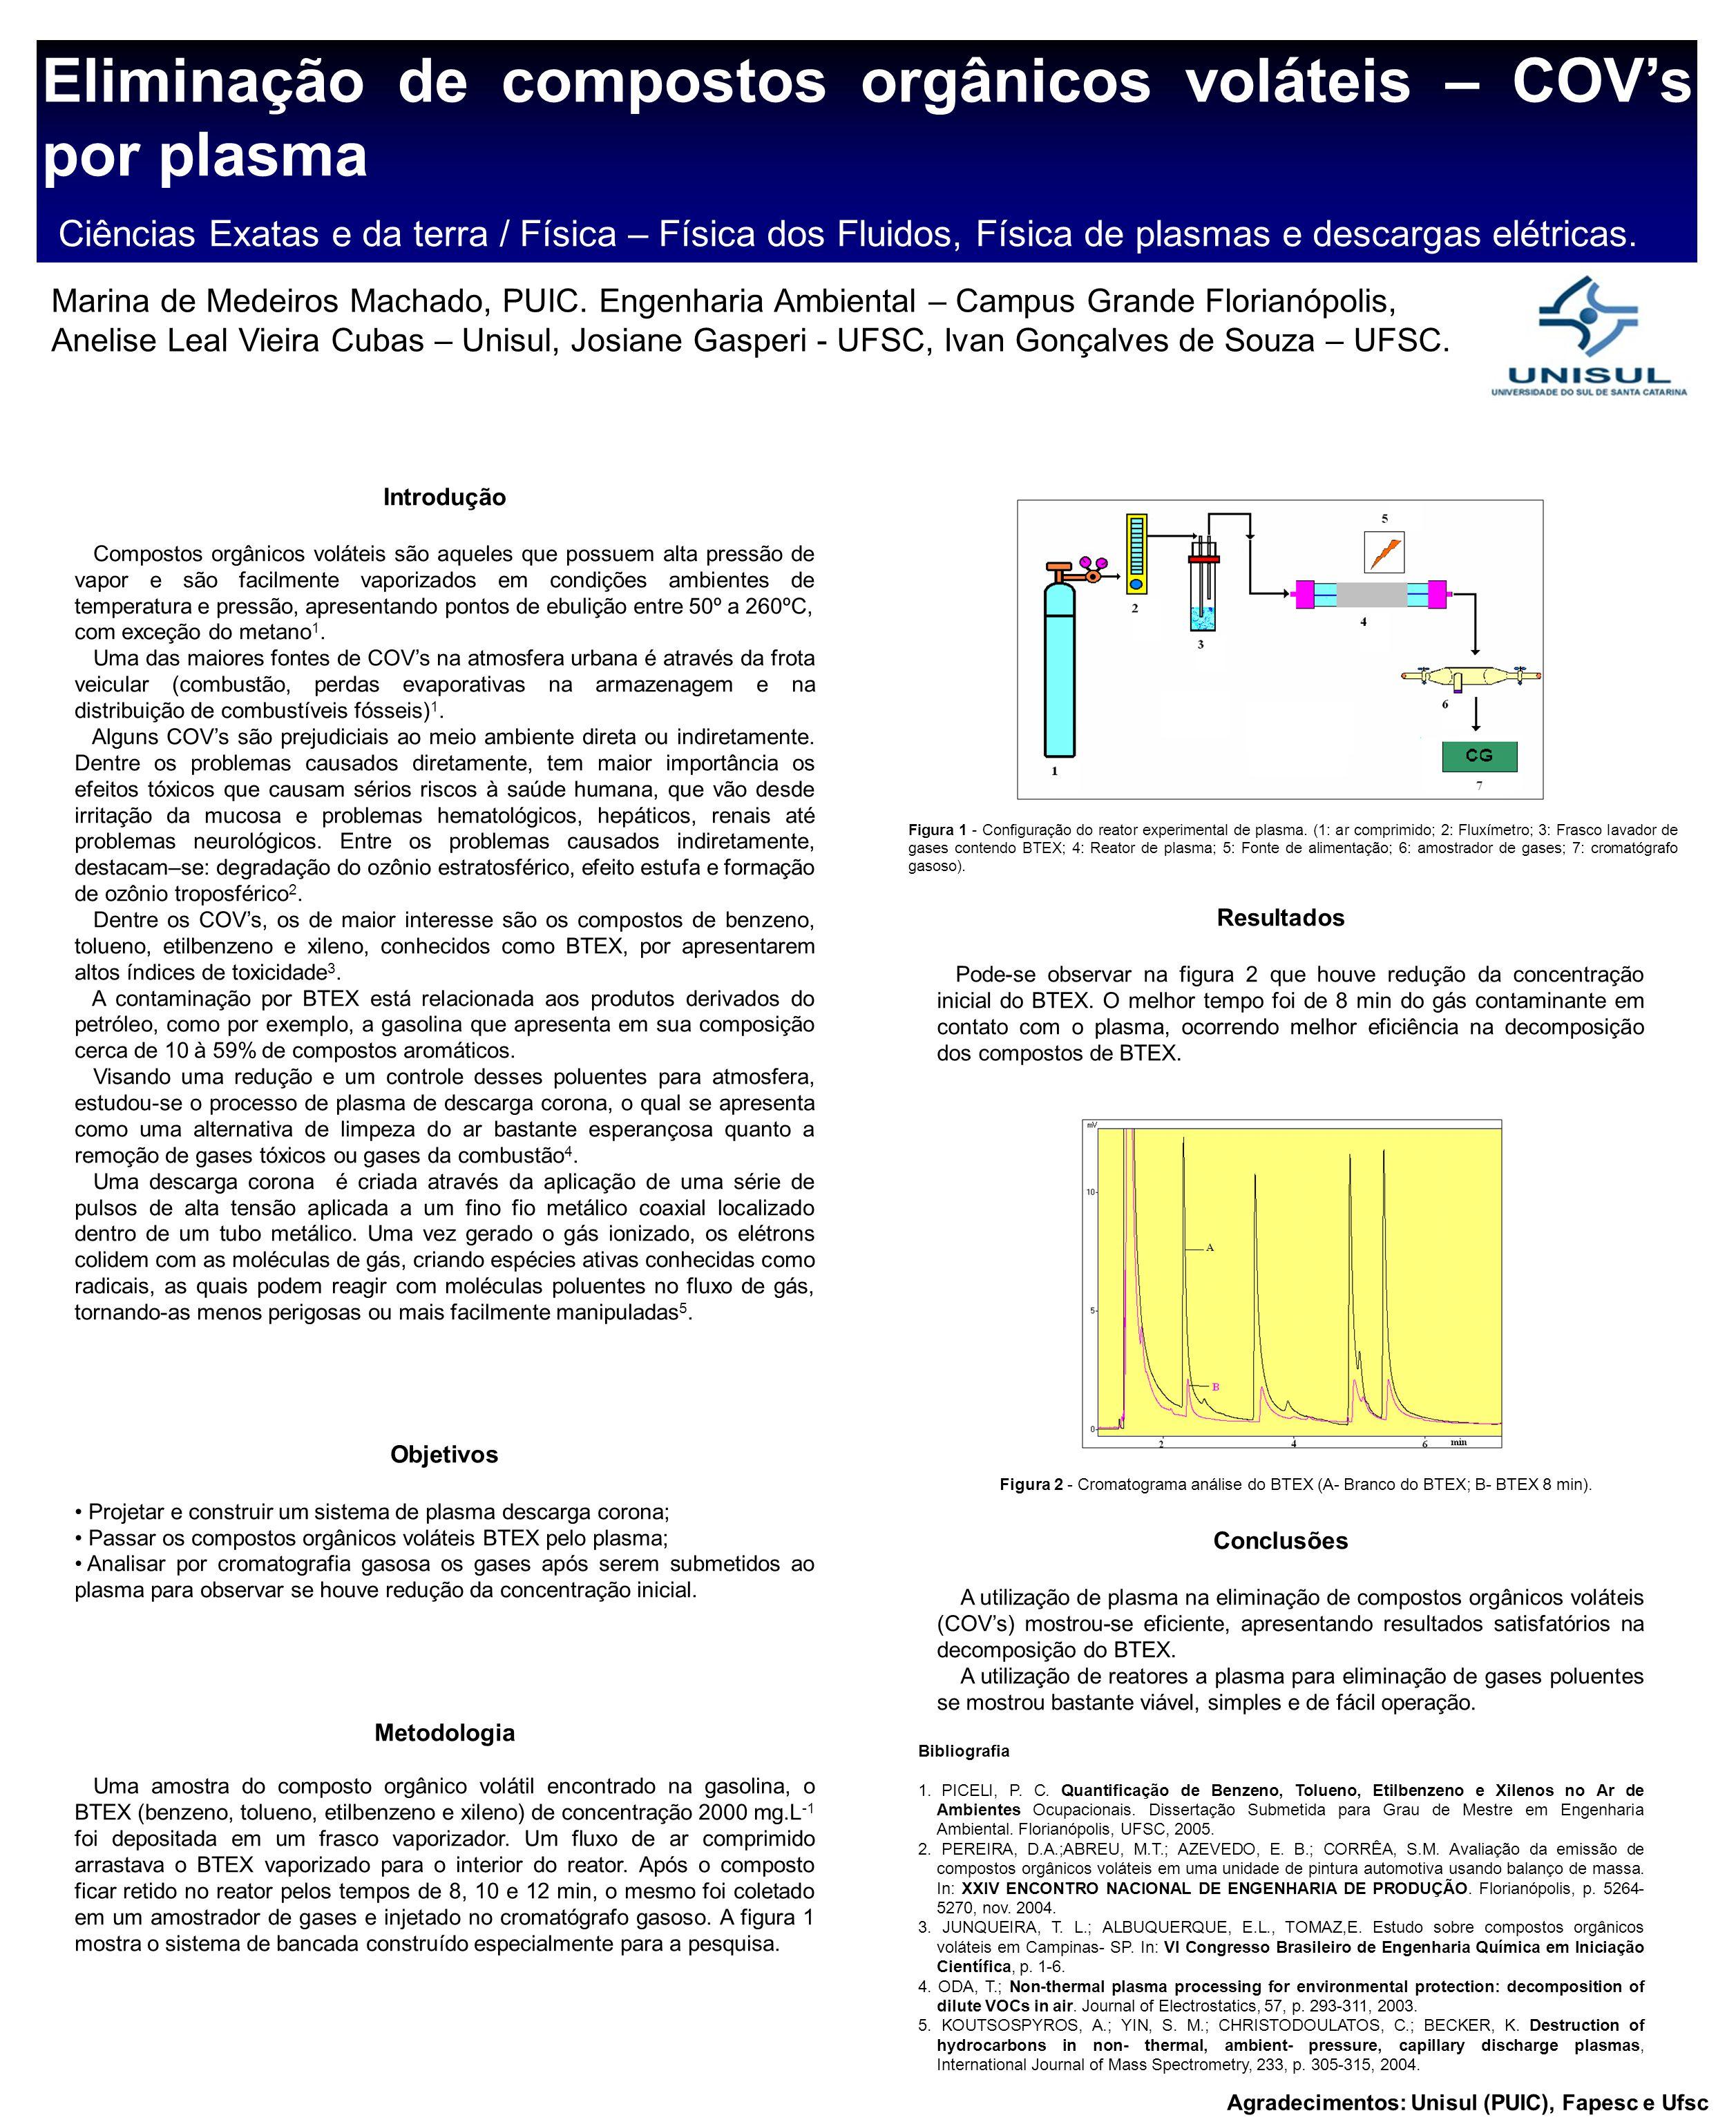 Eliminação de compostos orgânicos voláteis – COV's por plasma Ciências Exatas e da terra / Física – Física dos Fluidos, Física de plasmas e descargas elétricas.